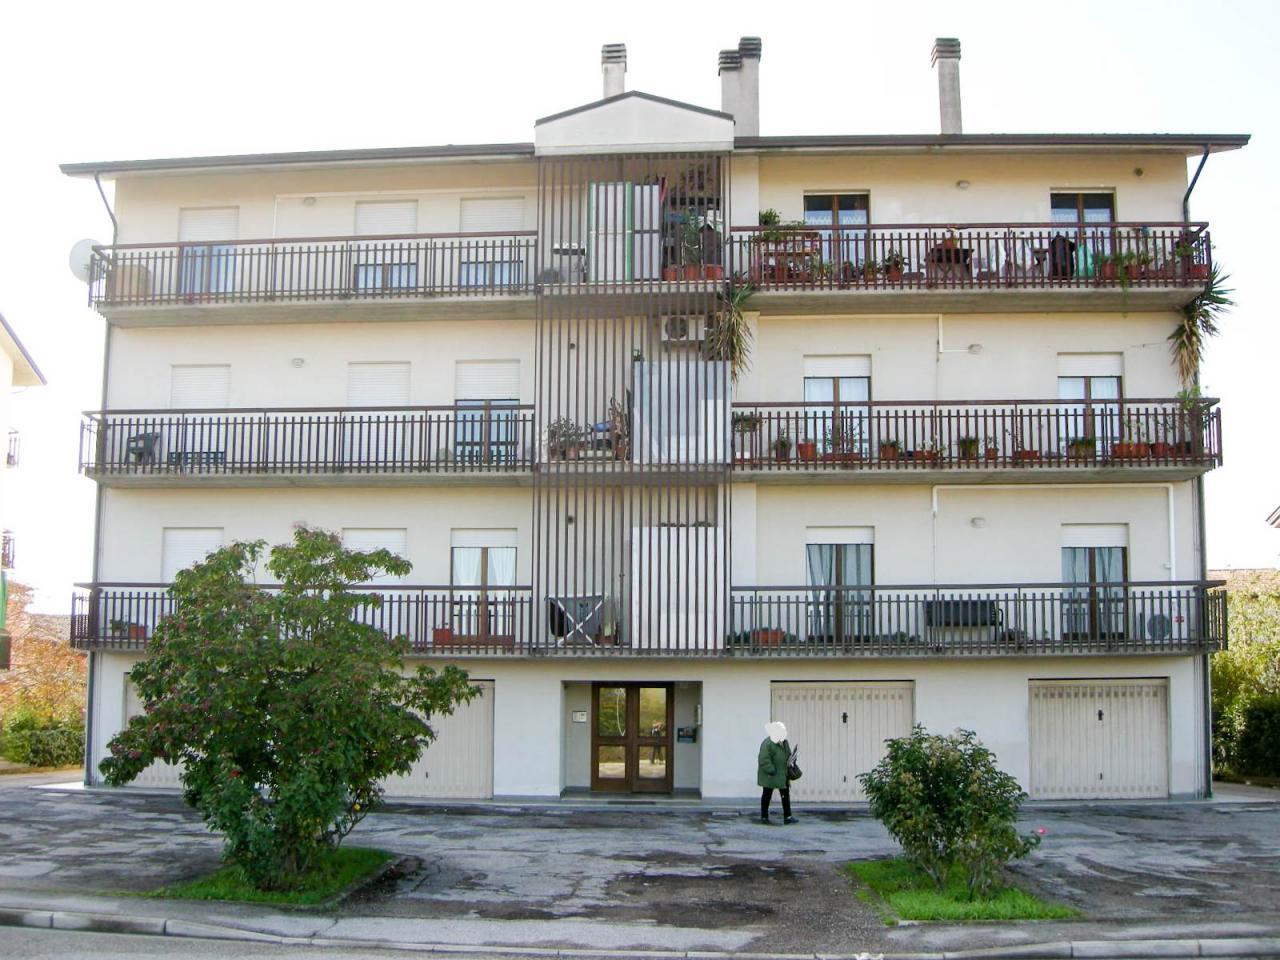 Appartamento in vendita a Bastia Umbra, 4 locali, zona Zona: Bastiola, prezzo € 185.000 | Cambio Casa.it